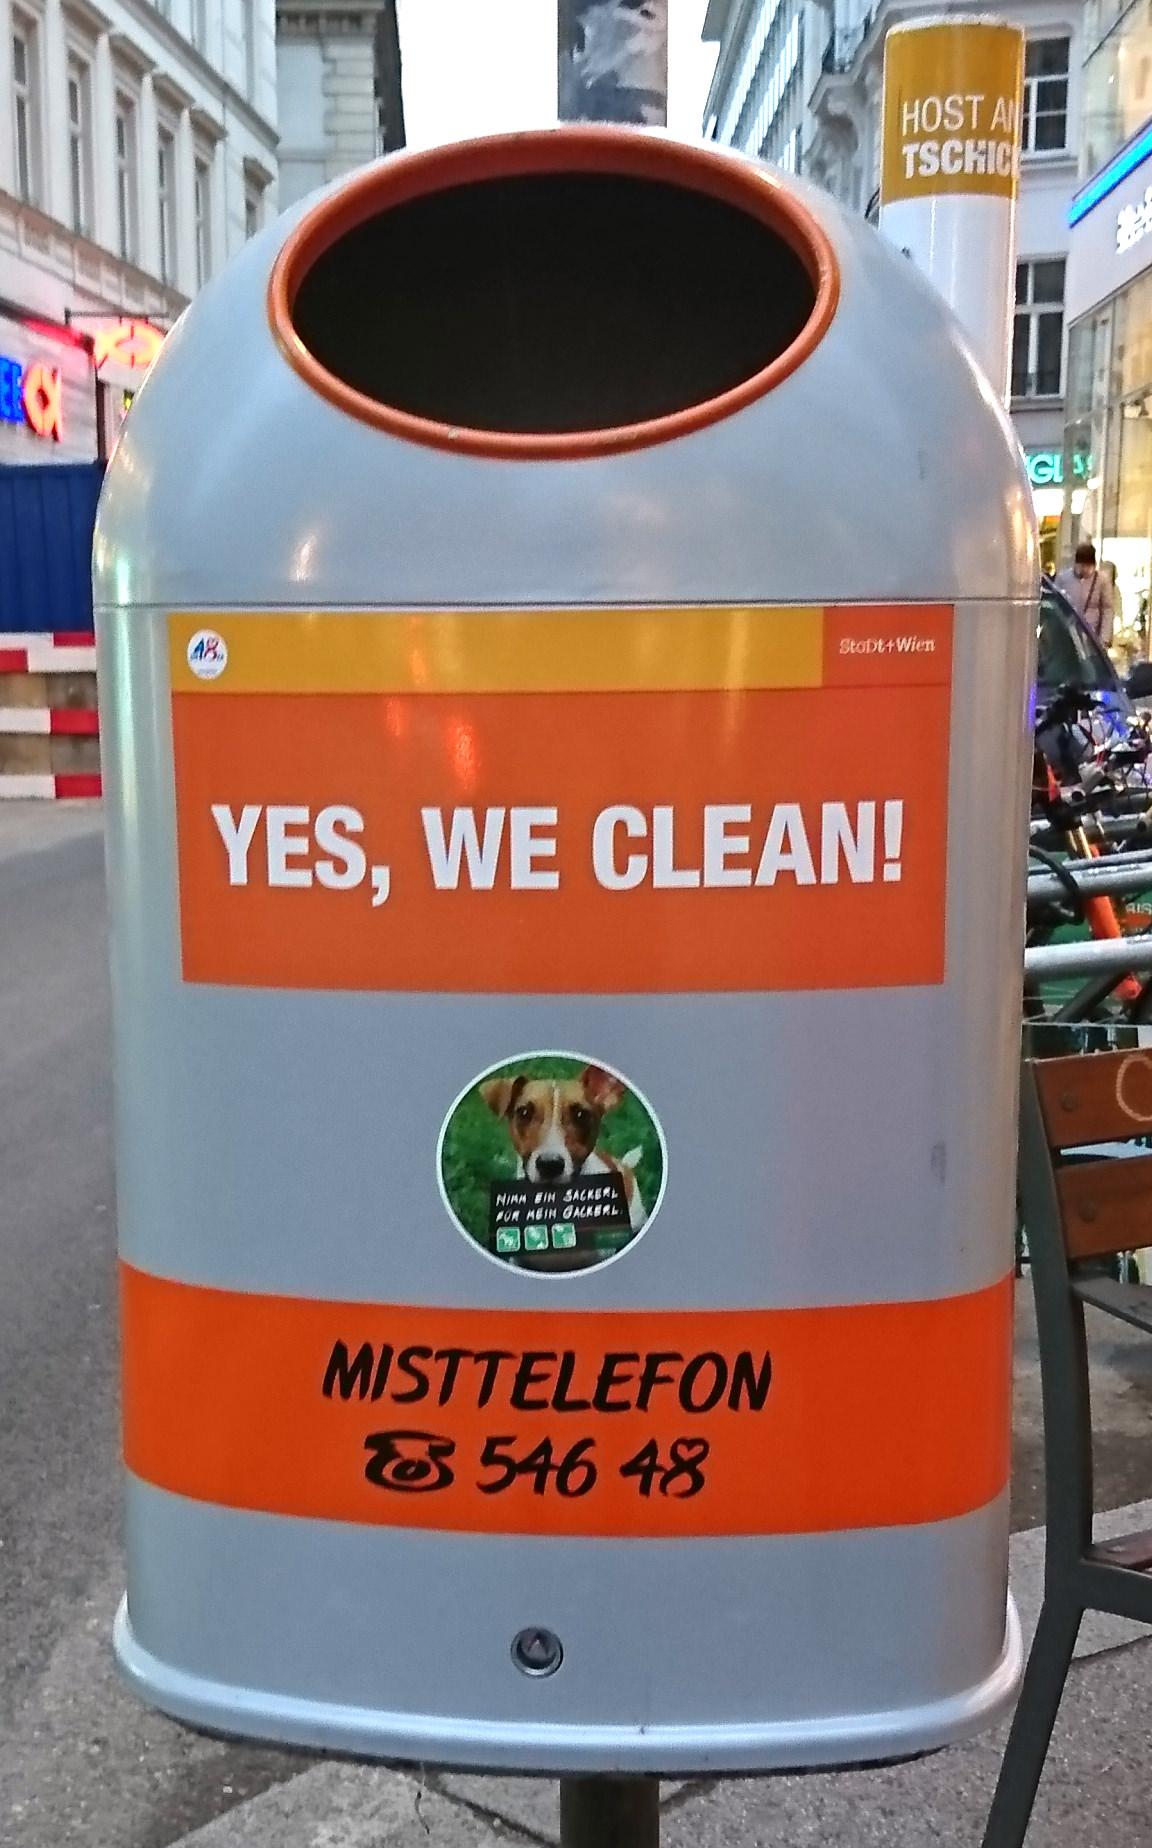 Mistkübel in Wien - Yes we clean - www.wien-erleben.com